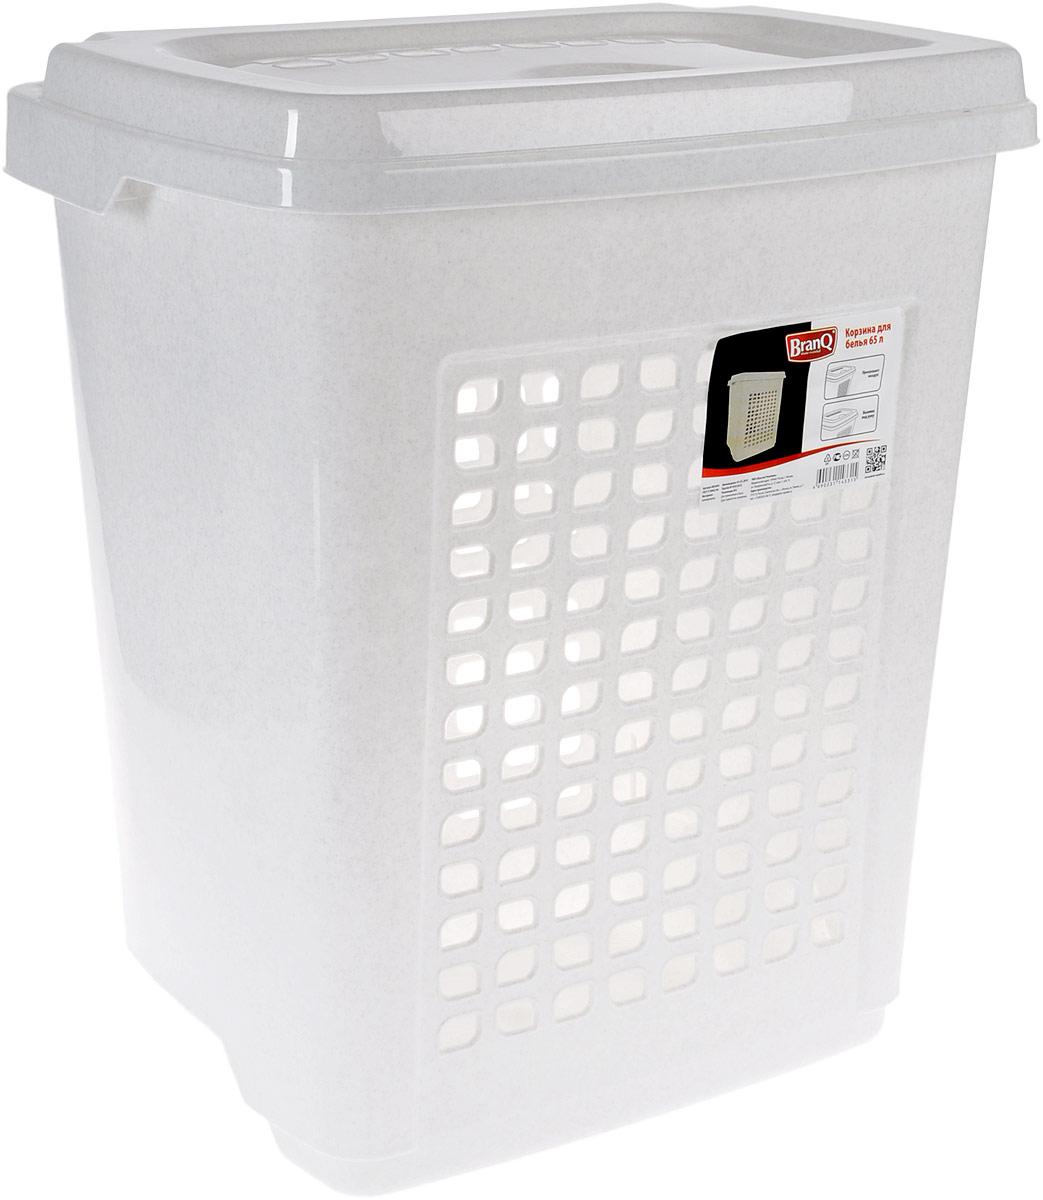 Корзина для белья BranQ, цвет: мраморный, 65 л531-105Корзина для белья BranQ изготовлена из прочного пластика и оформлена перфорированными отверстиями, благодаря которым обеспечивается естественная вентиляция. Корзина оснащена крышкой, на которой имеется выемка для удобного открывания. Такая корзина для белья прекрасно впишется в интерьер ванной комнаты.